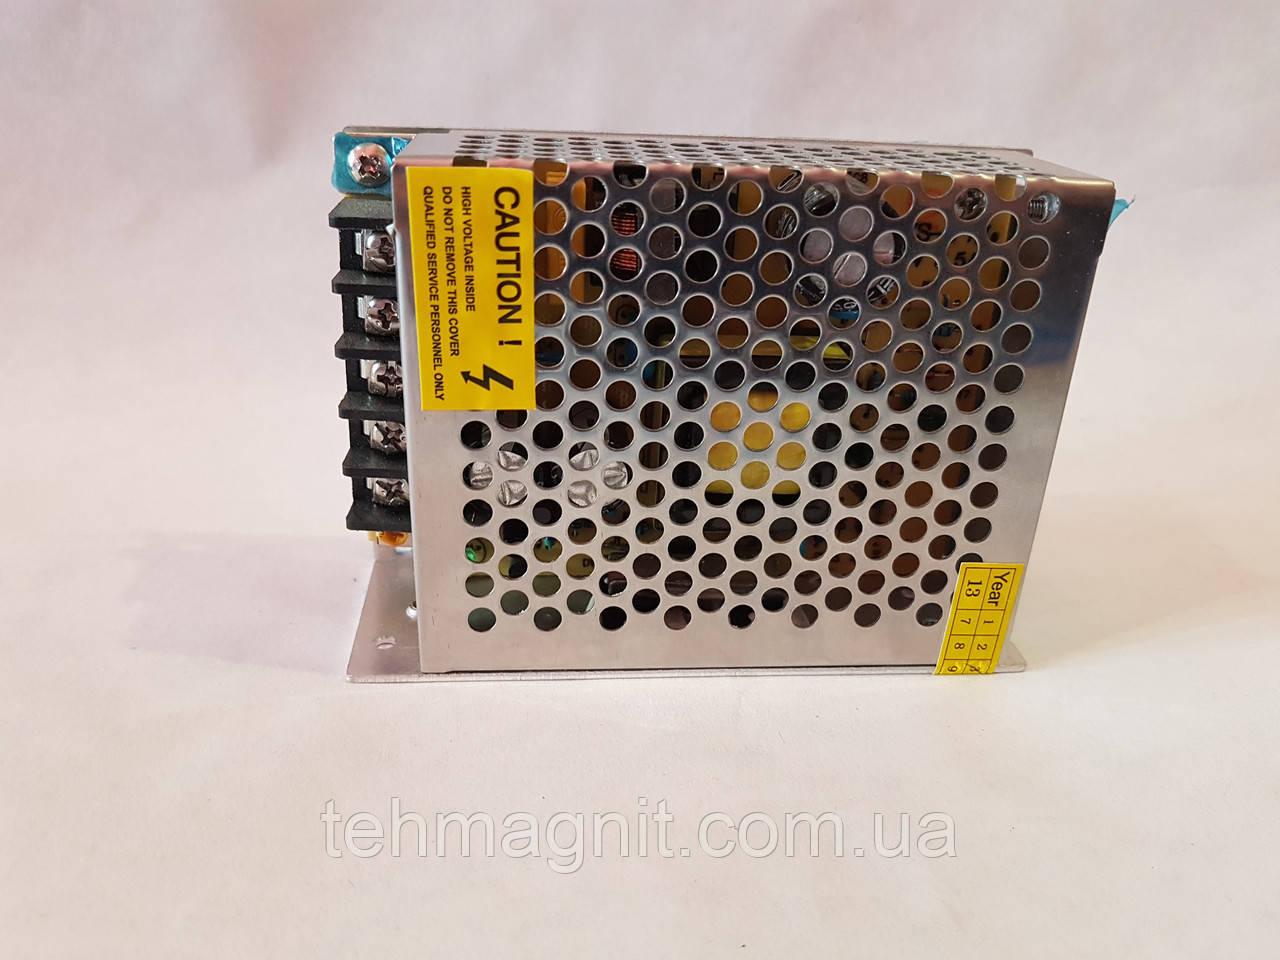 Сетевой адаптер, зарядное устройство,преобразователь напряжения, блок питания 12V 3,5A 40Вт